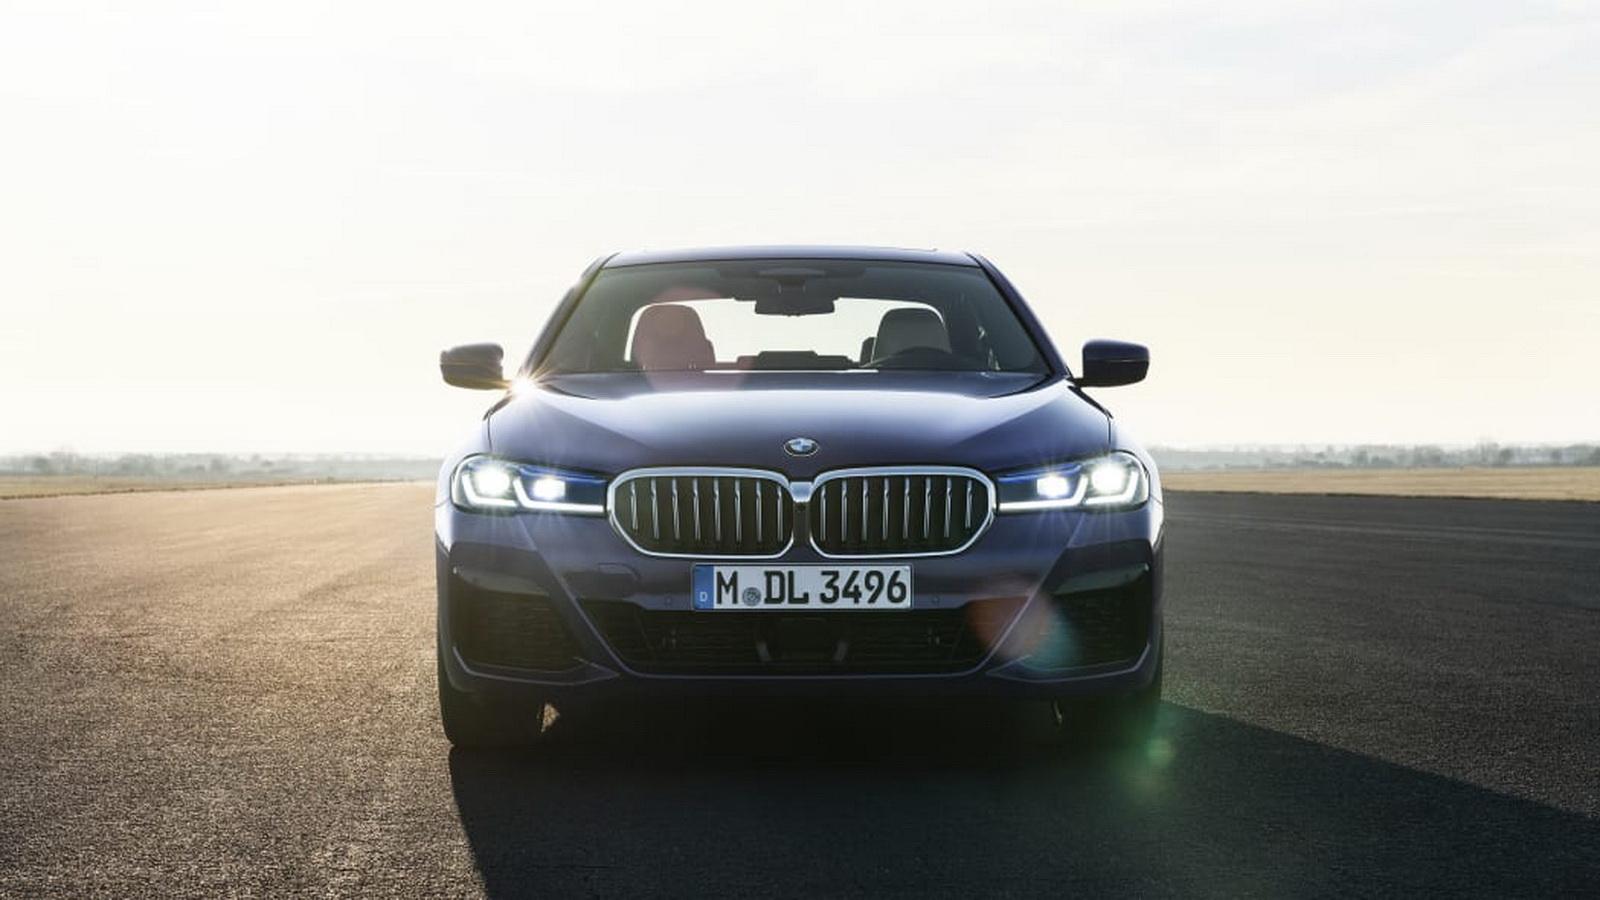 圖/2021 BMW 5系列車頭採用雙腎水箱護罩格柵設計,其他像是前大燈、車尾燈、前後保險槓…等皆經過重新設計。